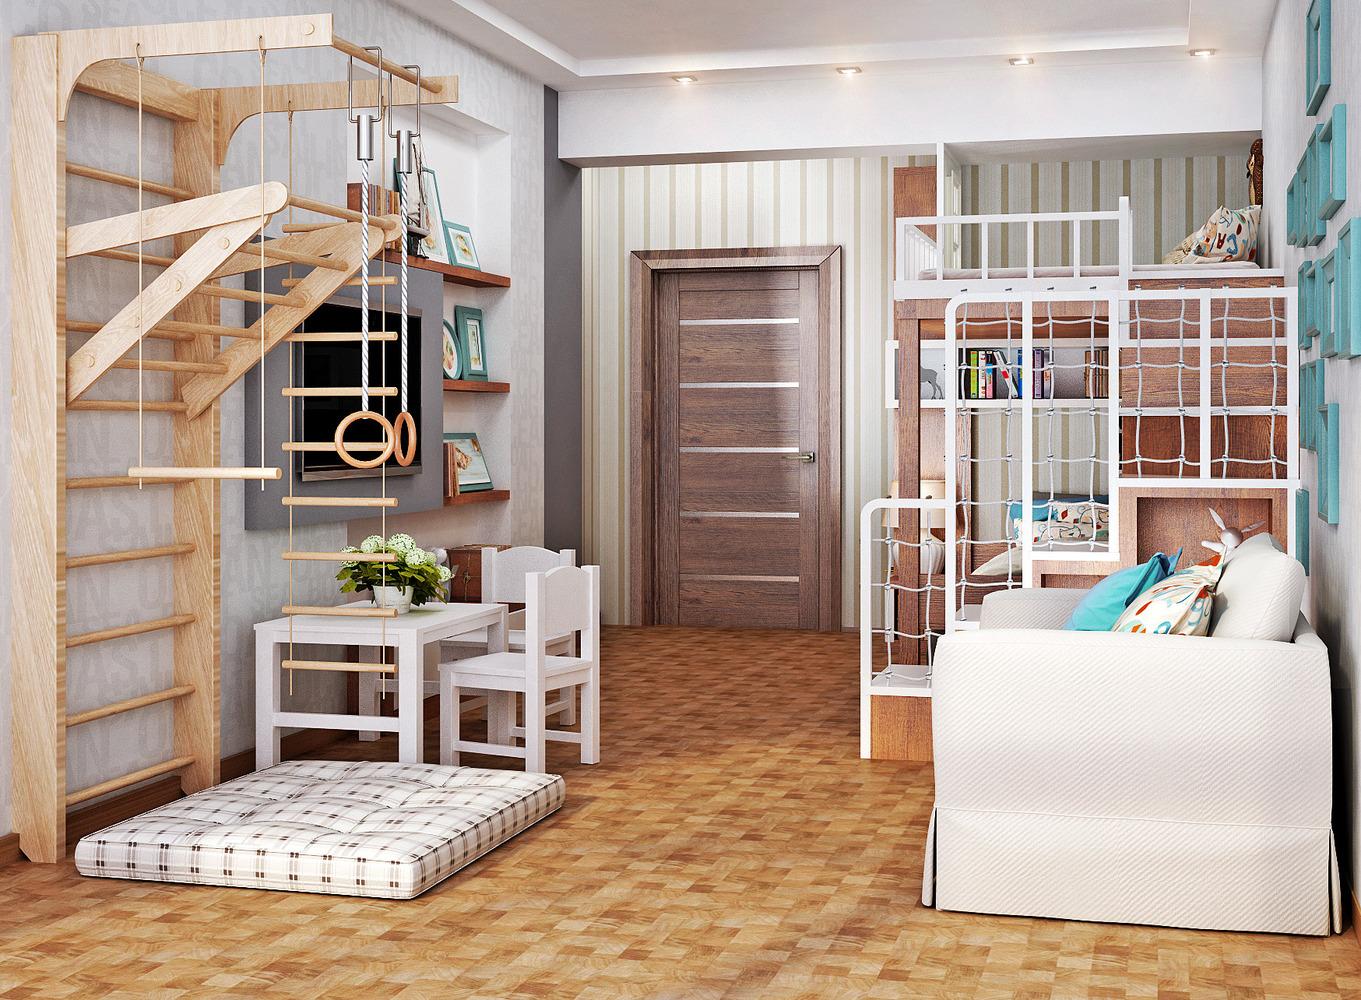 Как сделать комнату уютной без ремонта фото 178